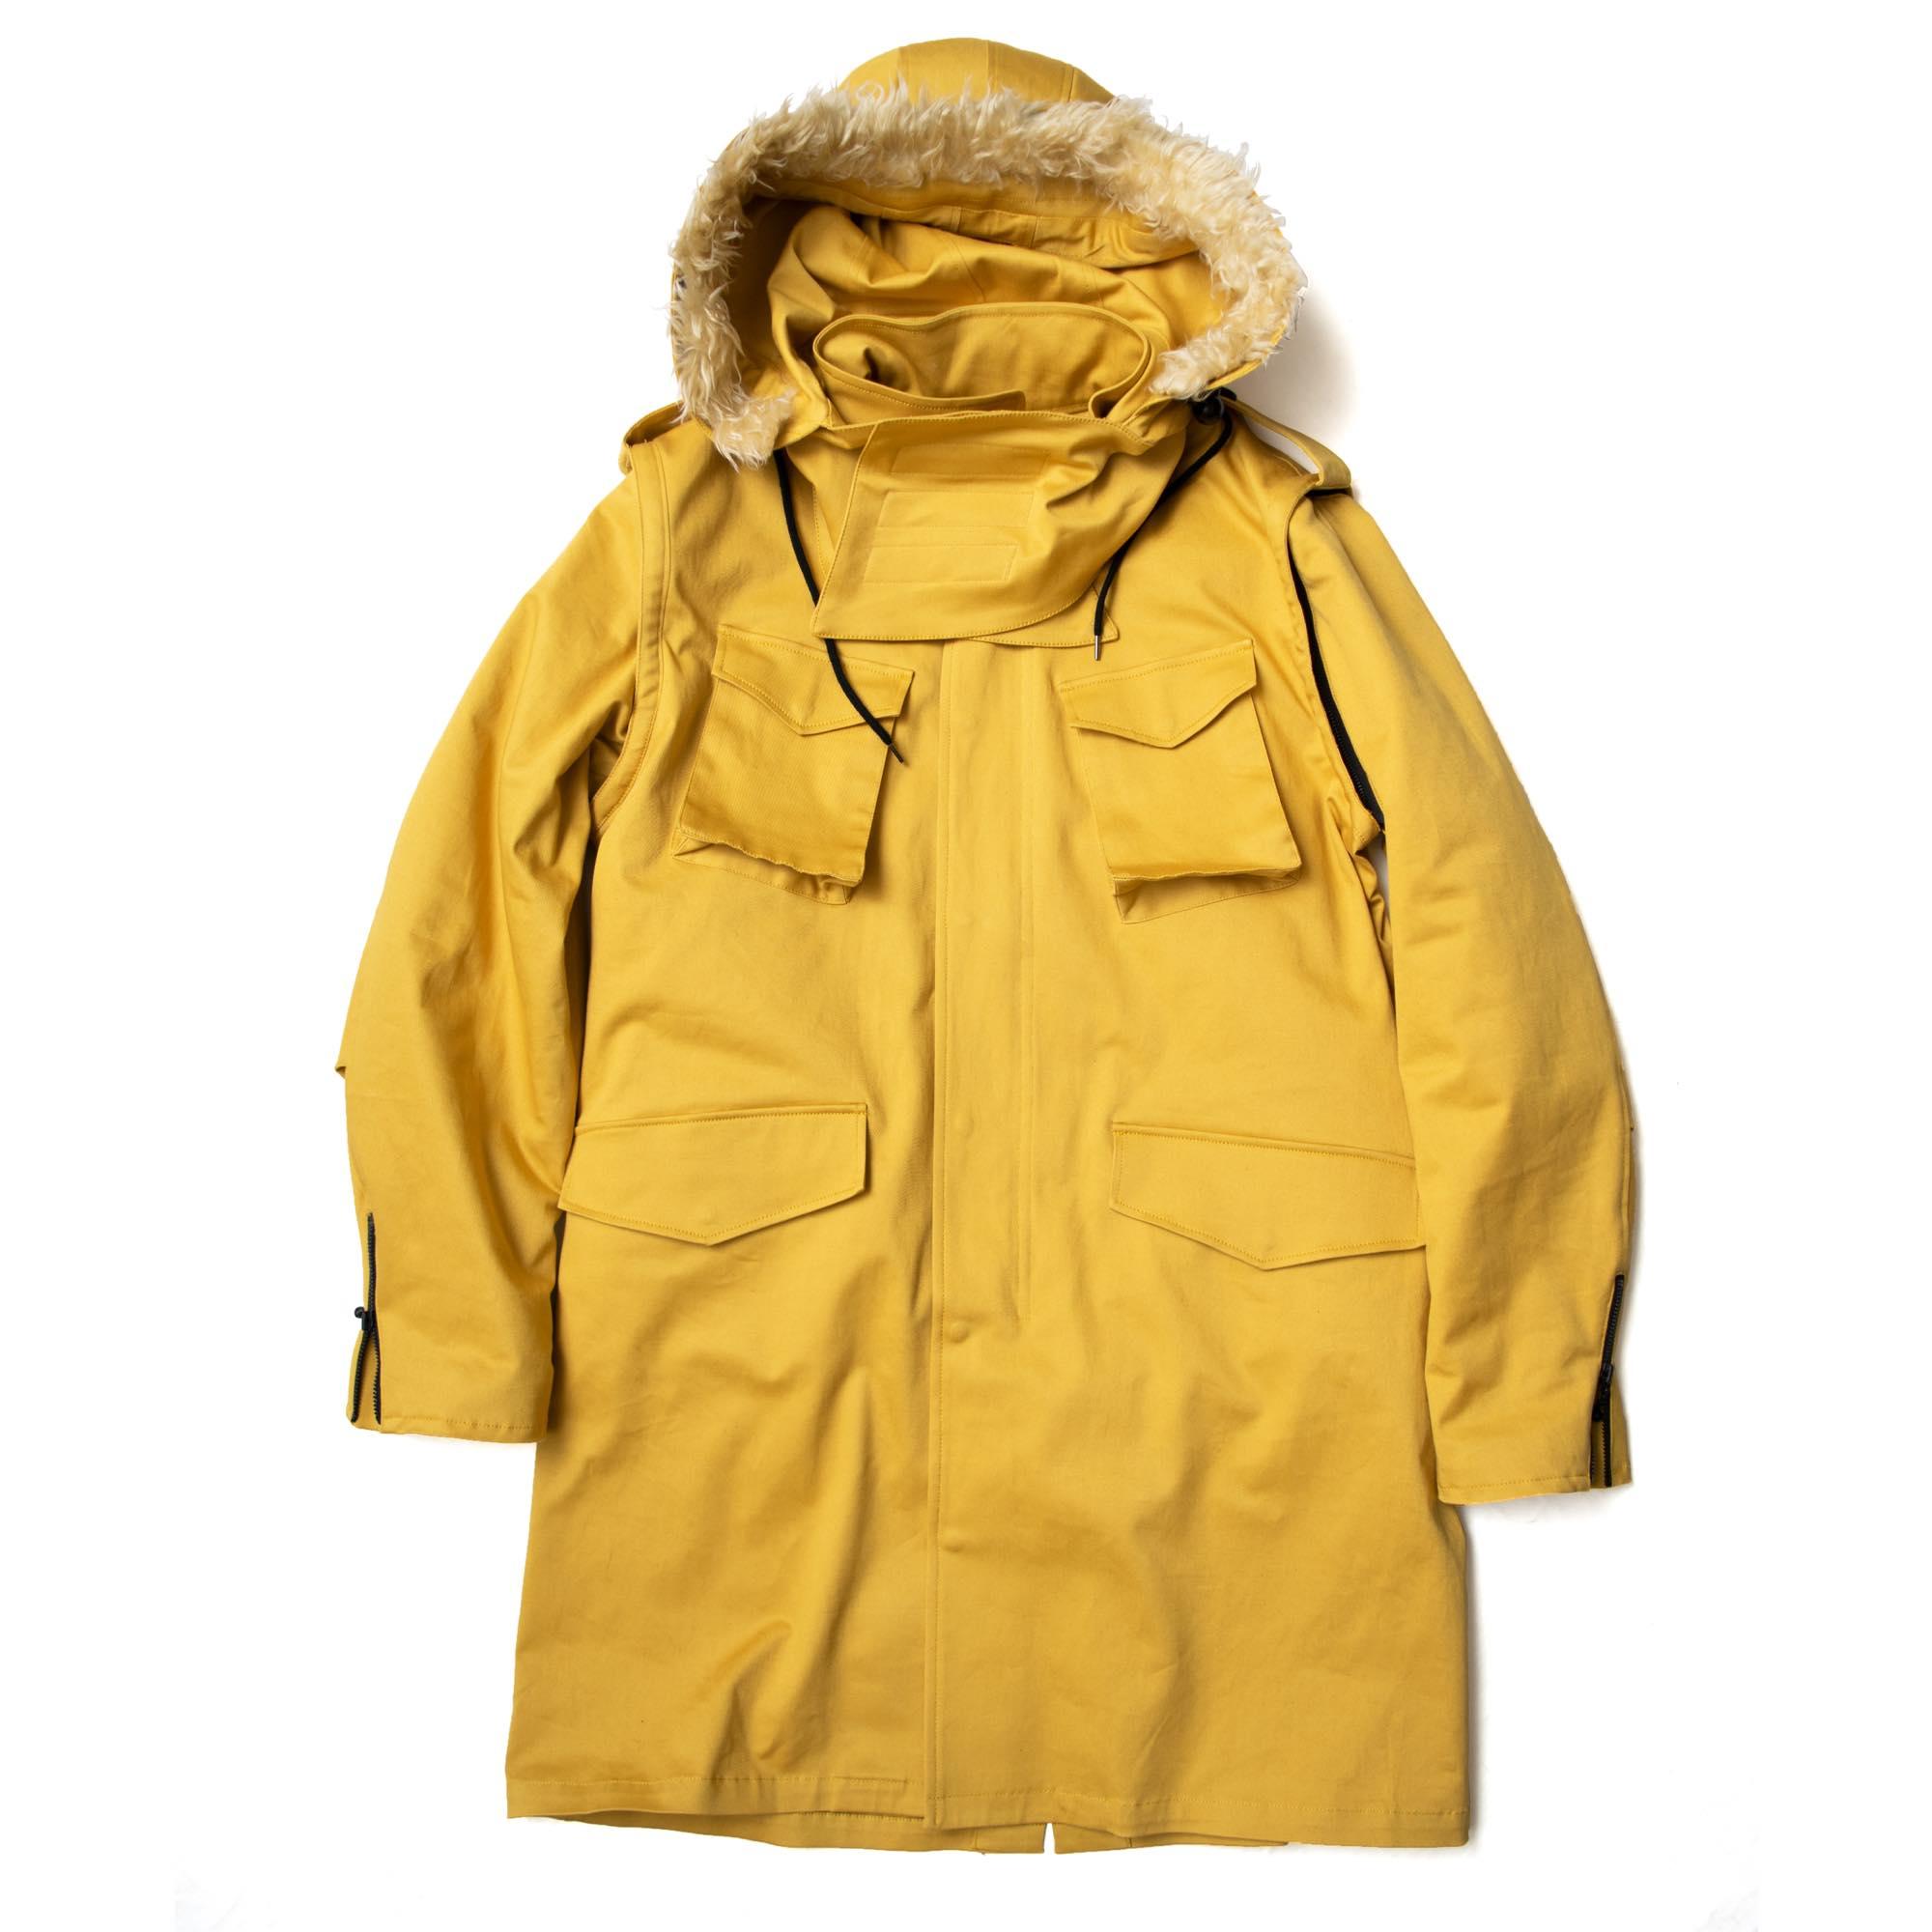 coat_yel_001